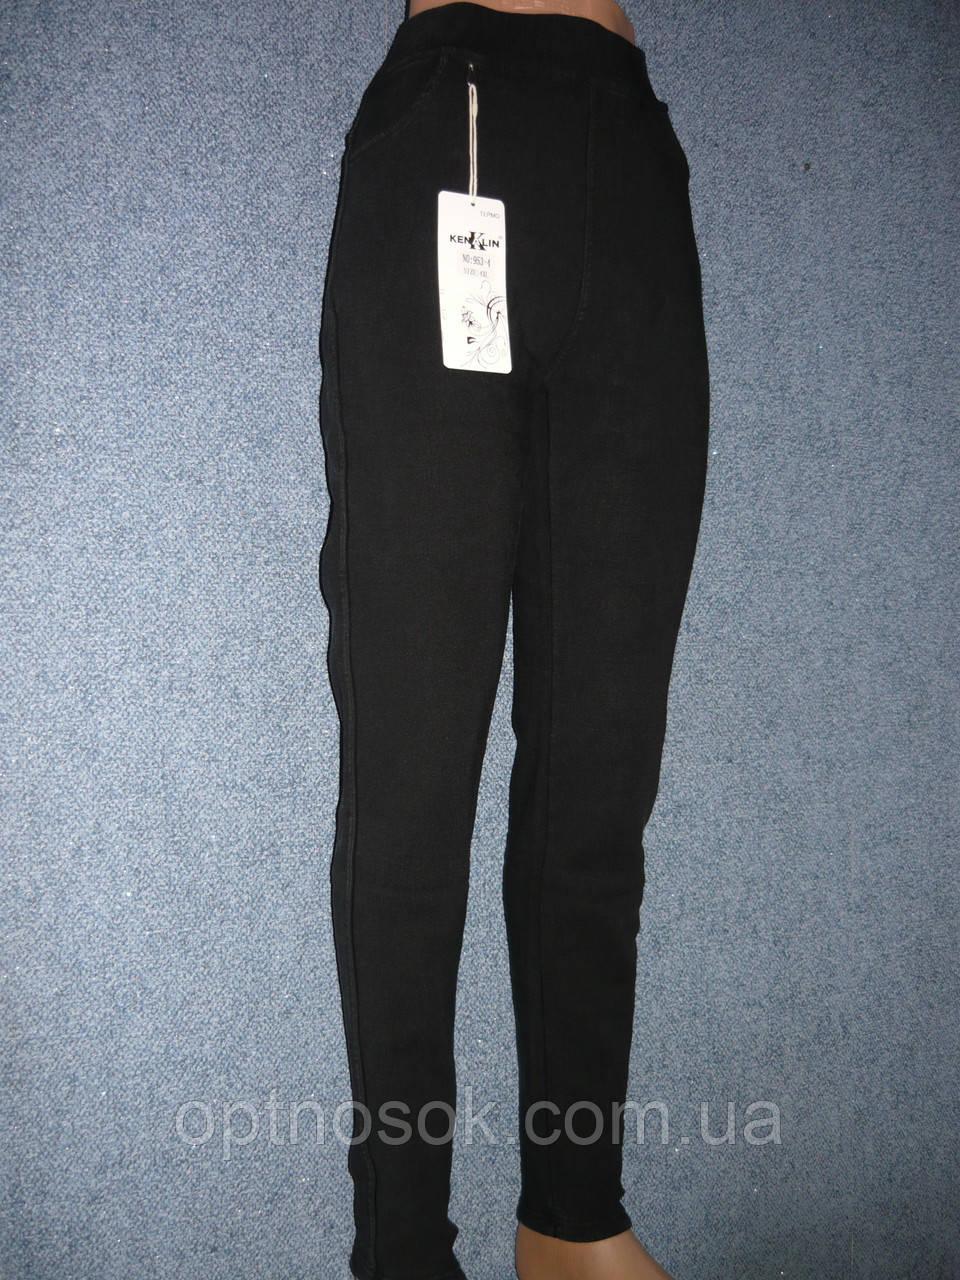 """Штаны женские джинсовые """"Kenalin"""" с  карманами на меху. р. 5XL. Черные"""